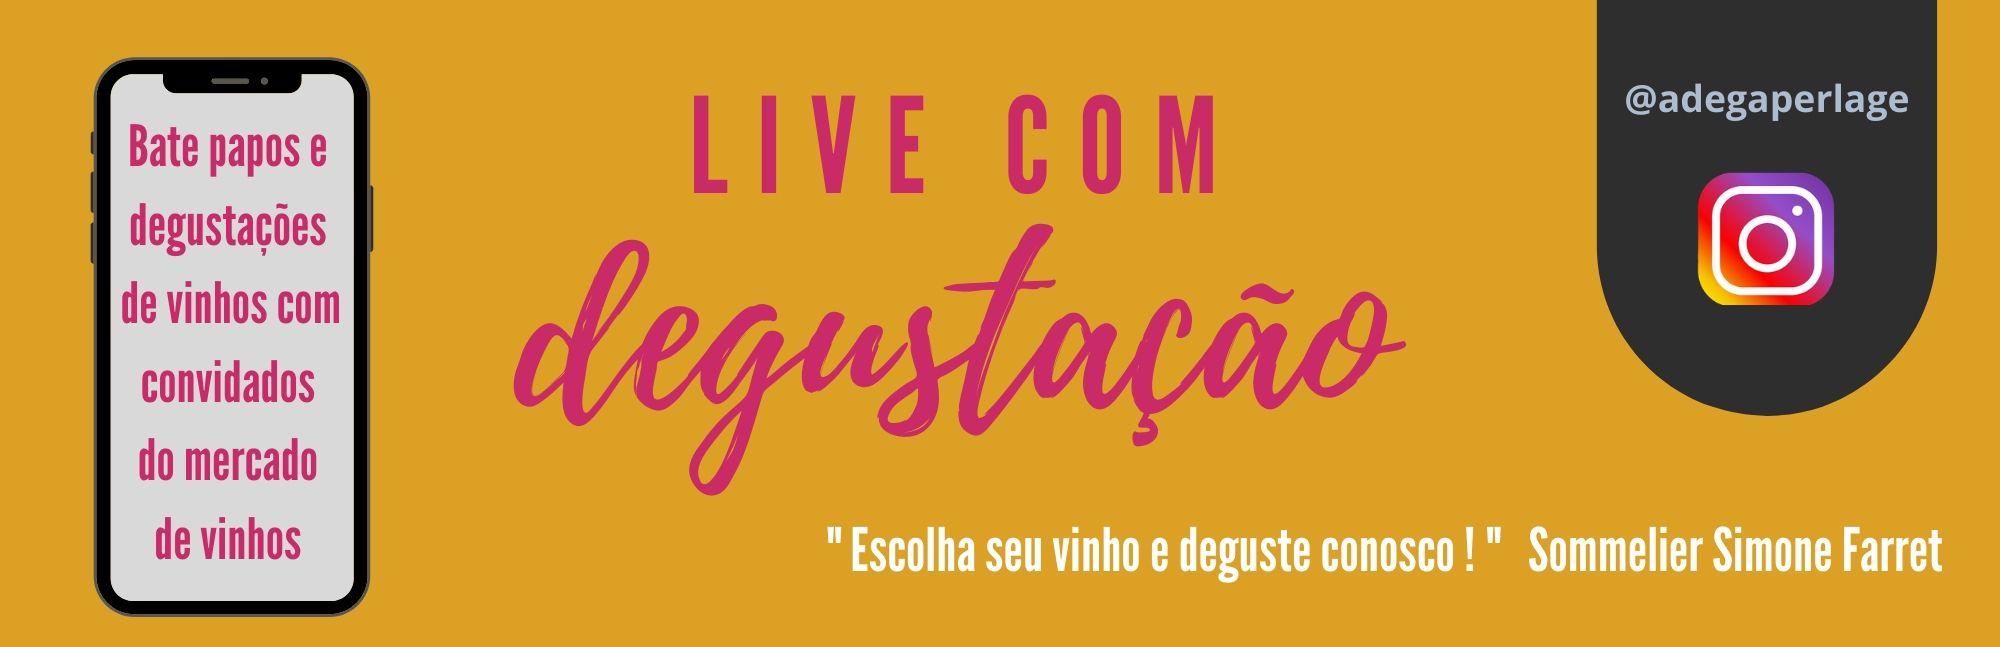 Live com degustação